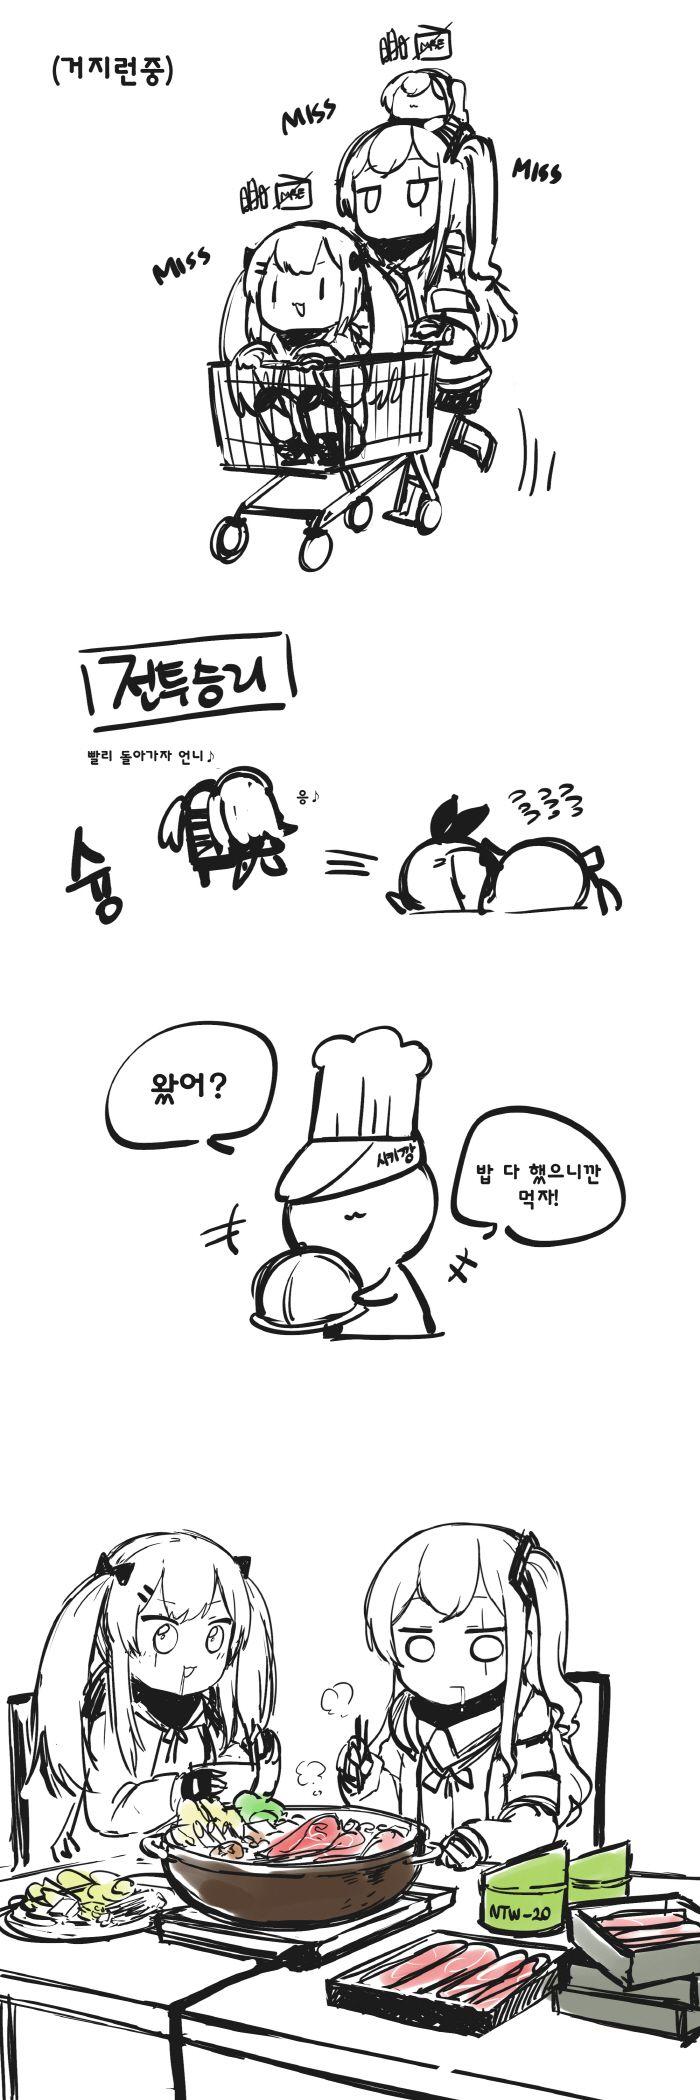 소녀전선 만화 - 거지런 움자매(UMP) 만화.manhwa : 네이버 블로그